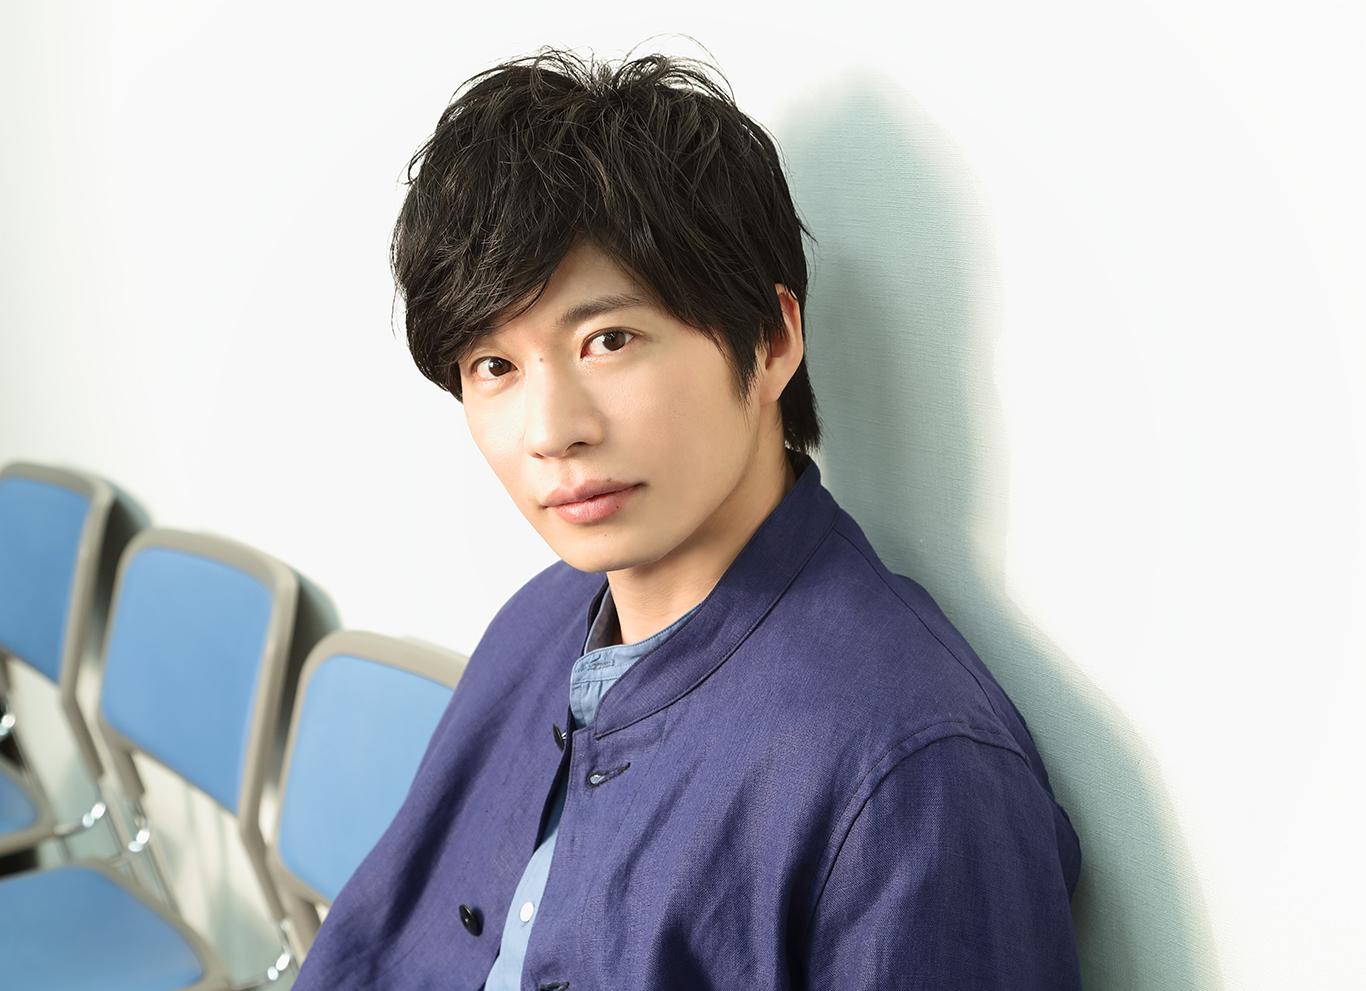 """デビューから18年。田中 圭は仕事もプライベートも、""""自然体""""で向き合っている。"""